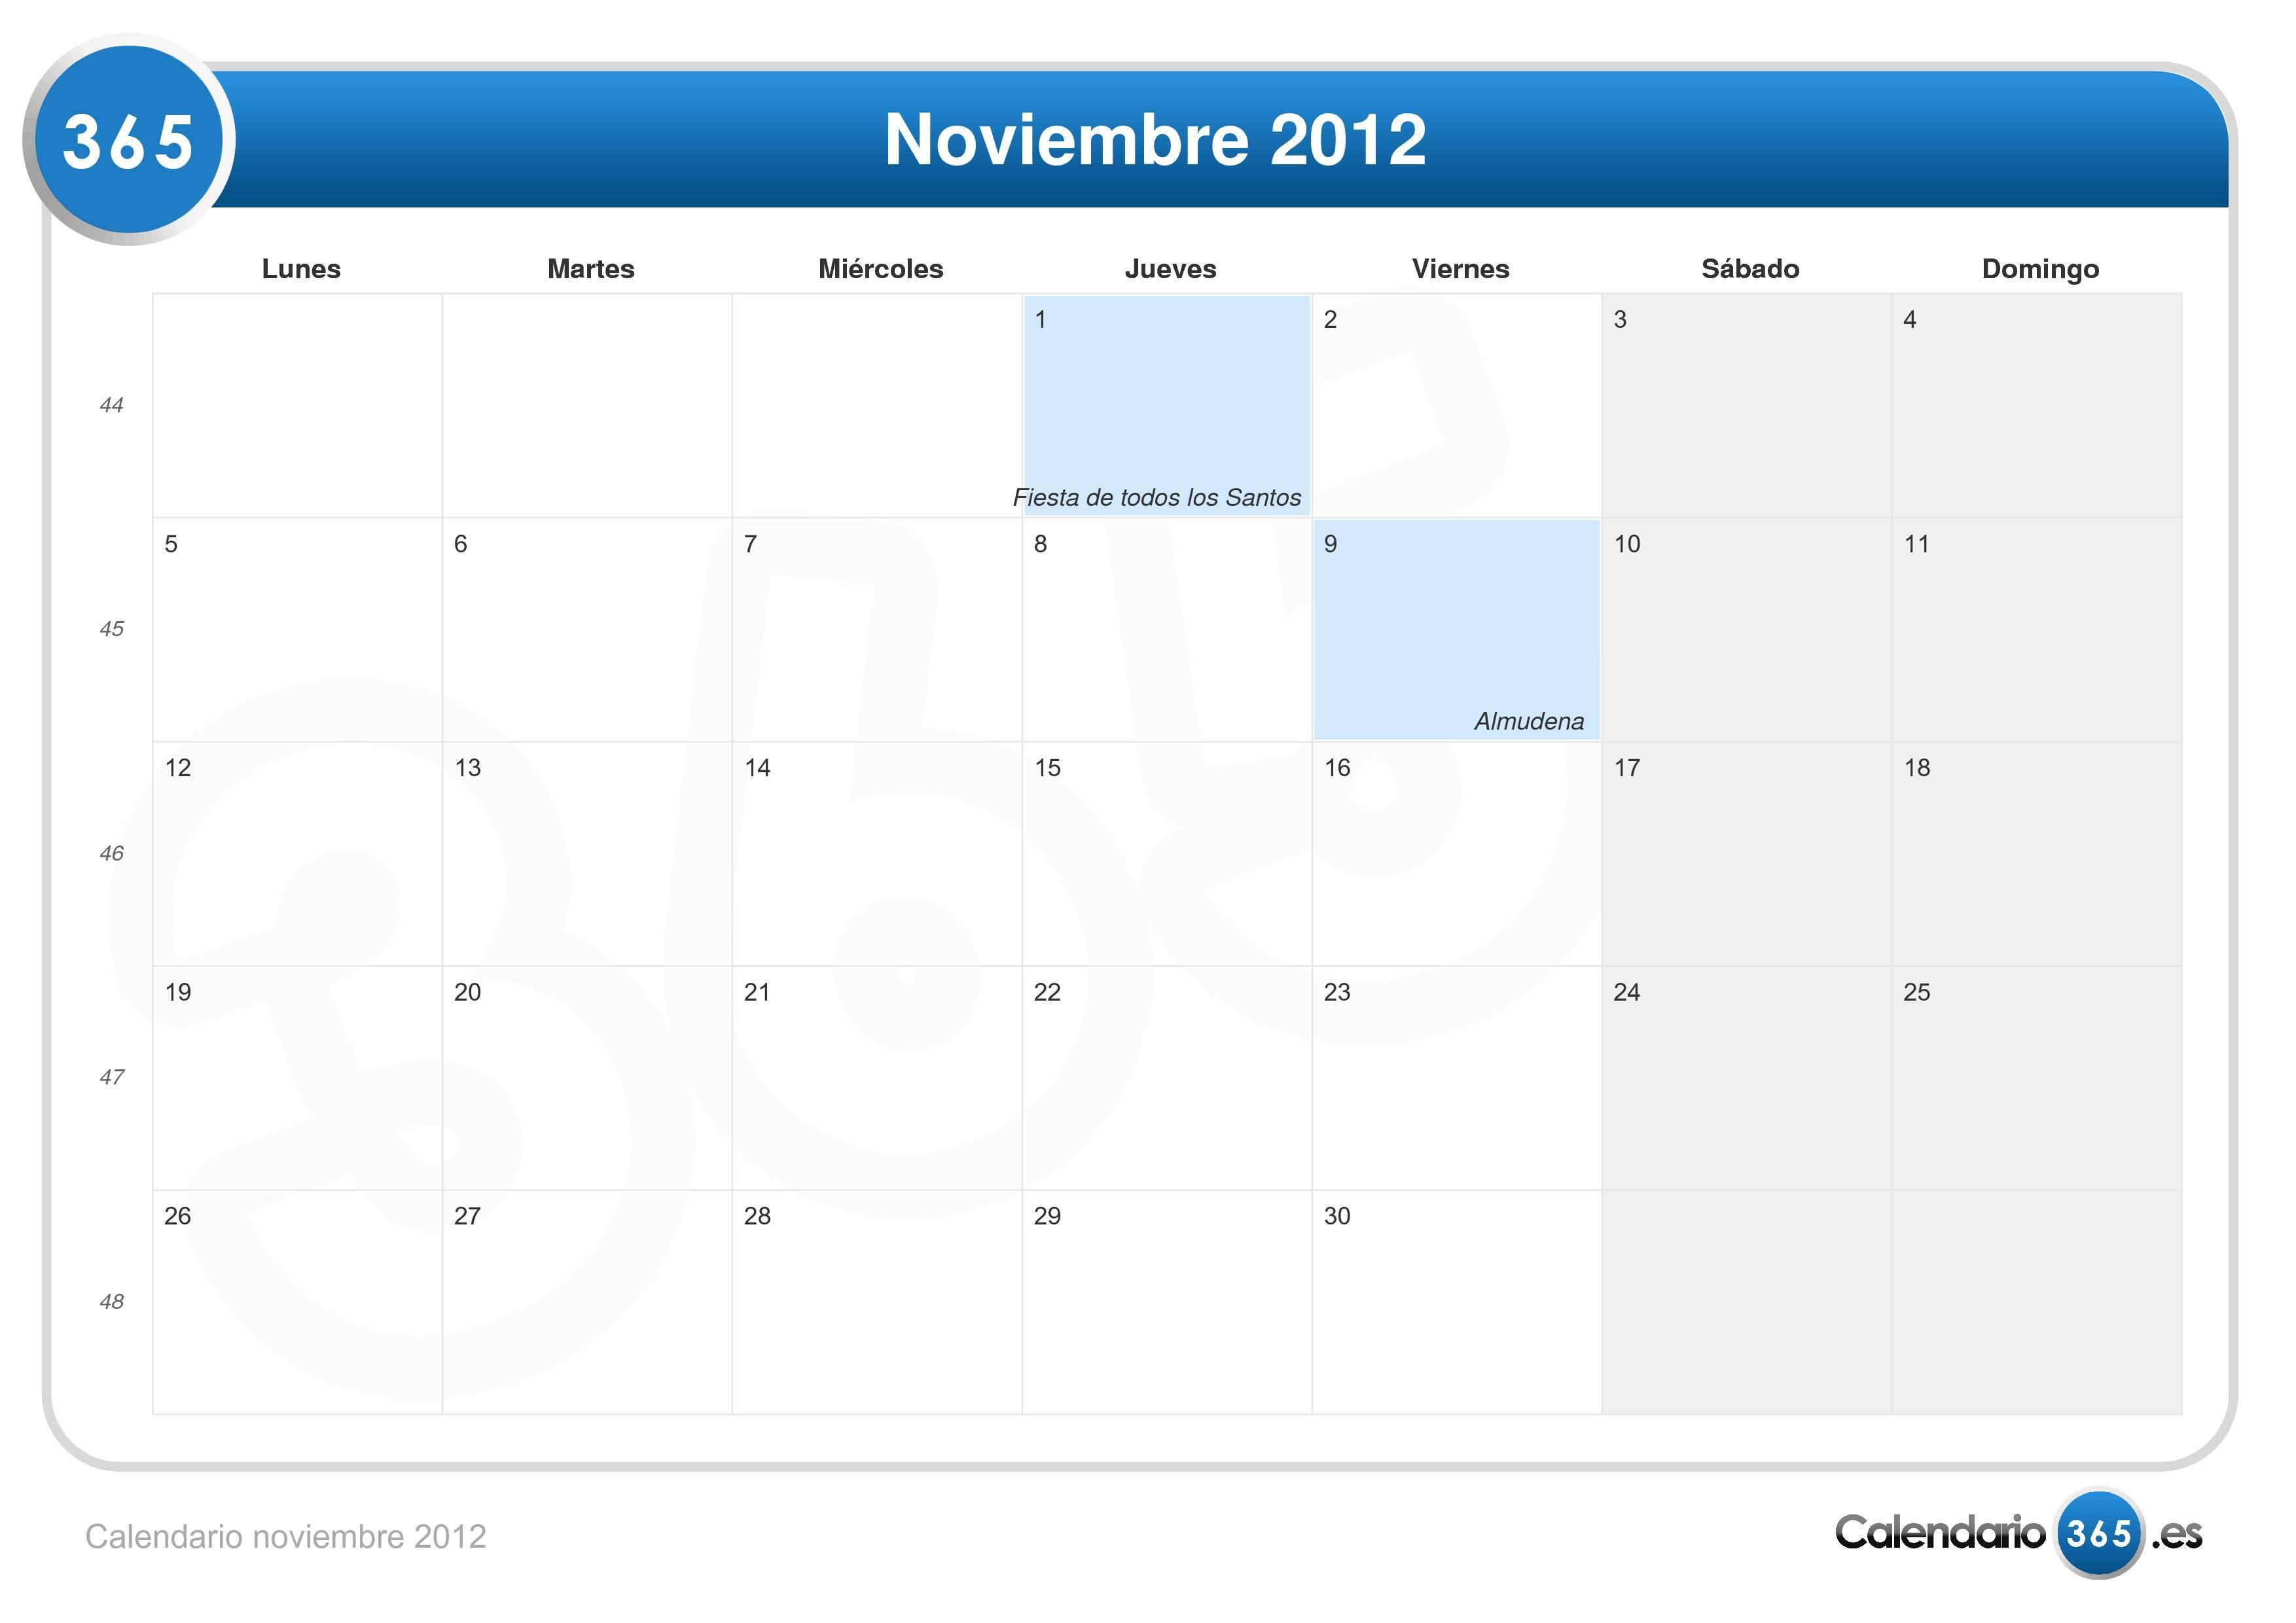 Calendario noviembre 2012